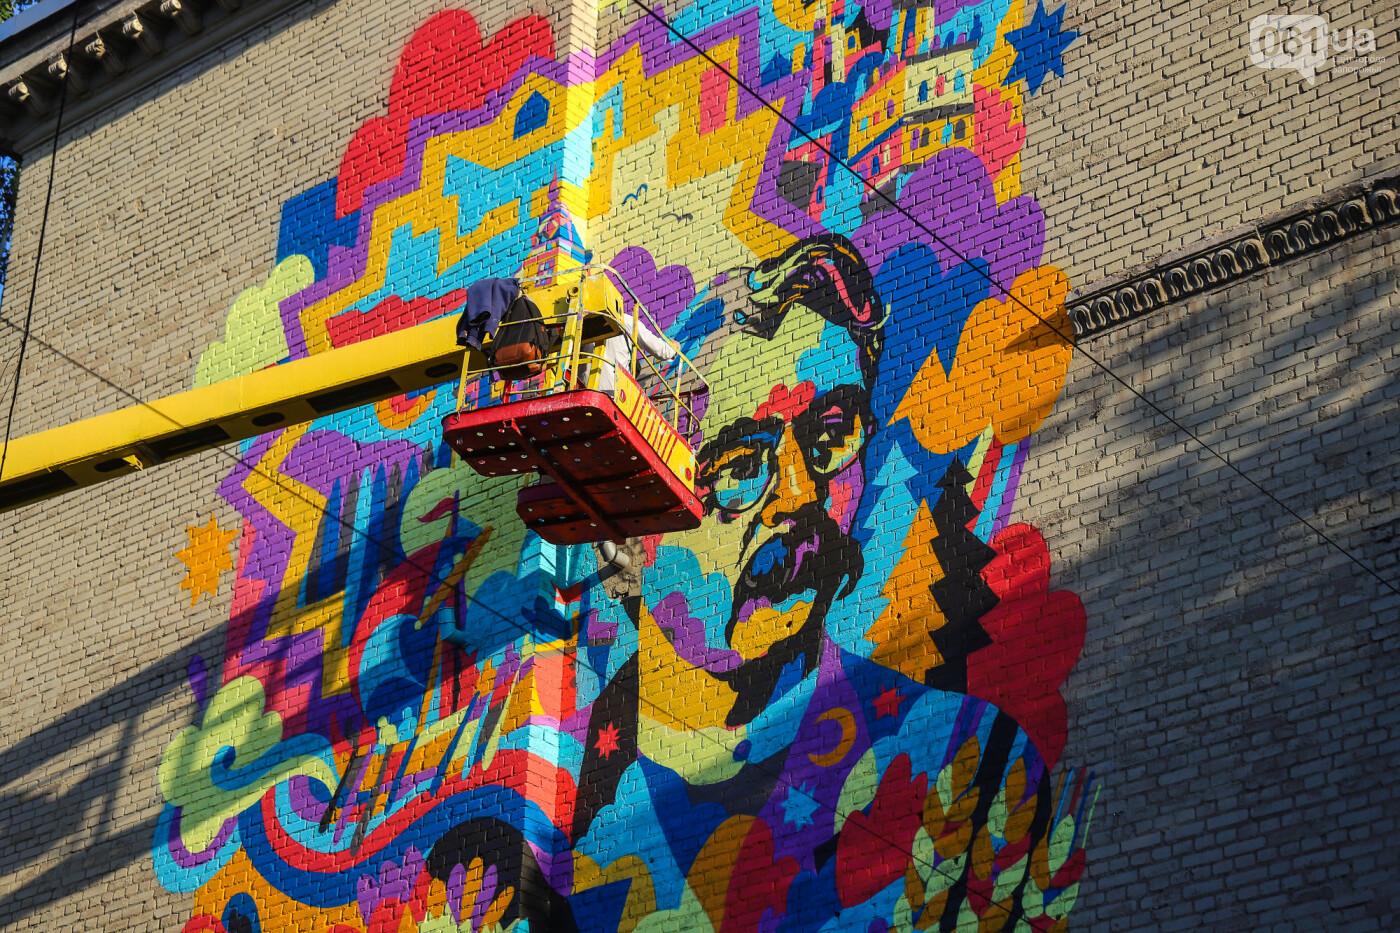 Художник из Нью-Йорка нарисовал мурал к 250-летию Запорожья - ФОТОРЕПОРТАЖ , фото-27